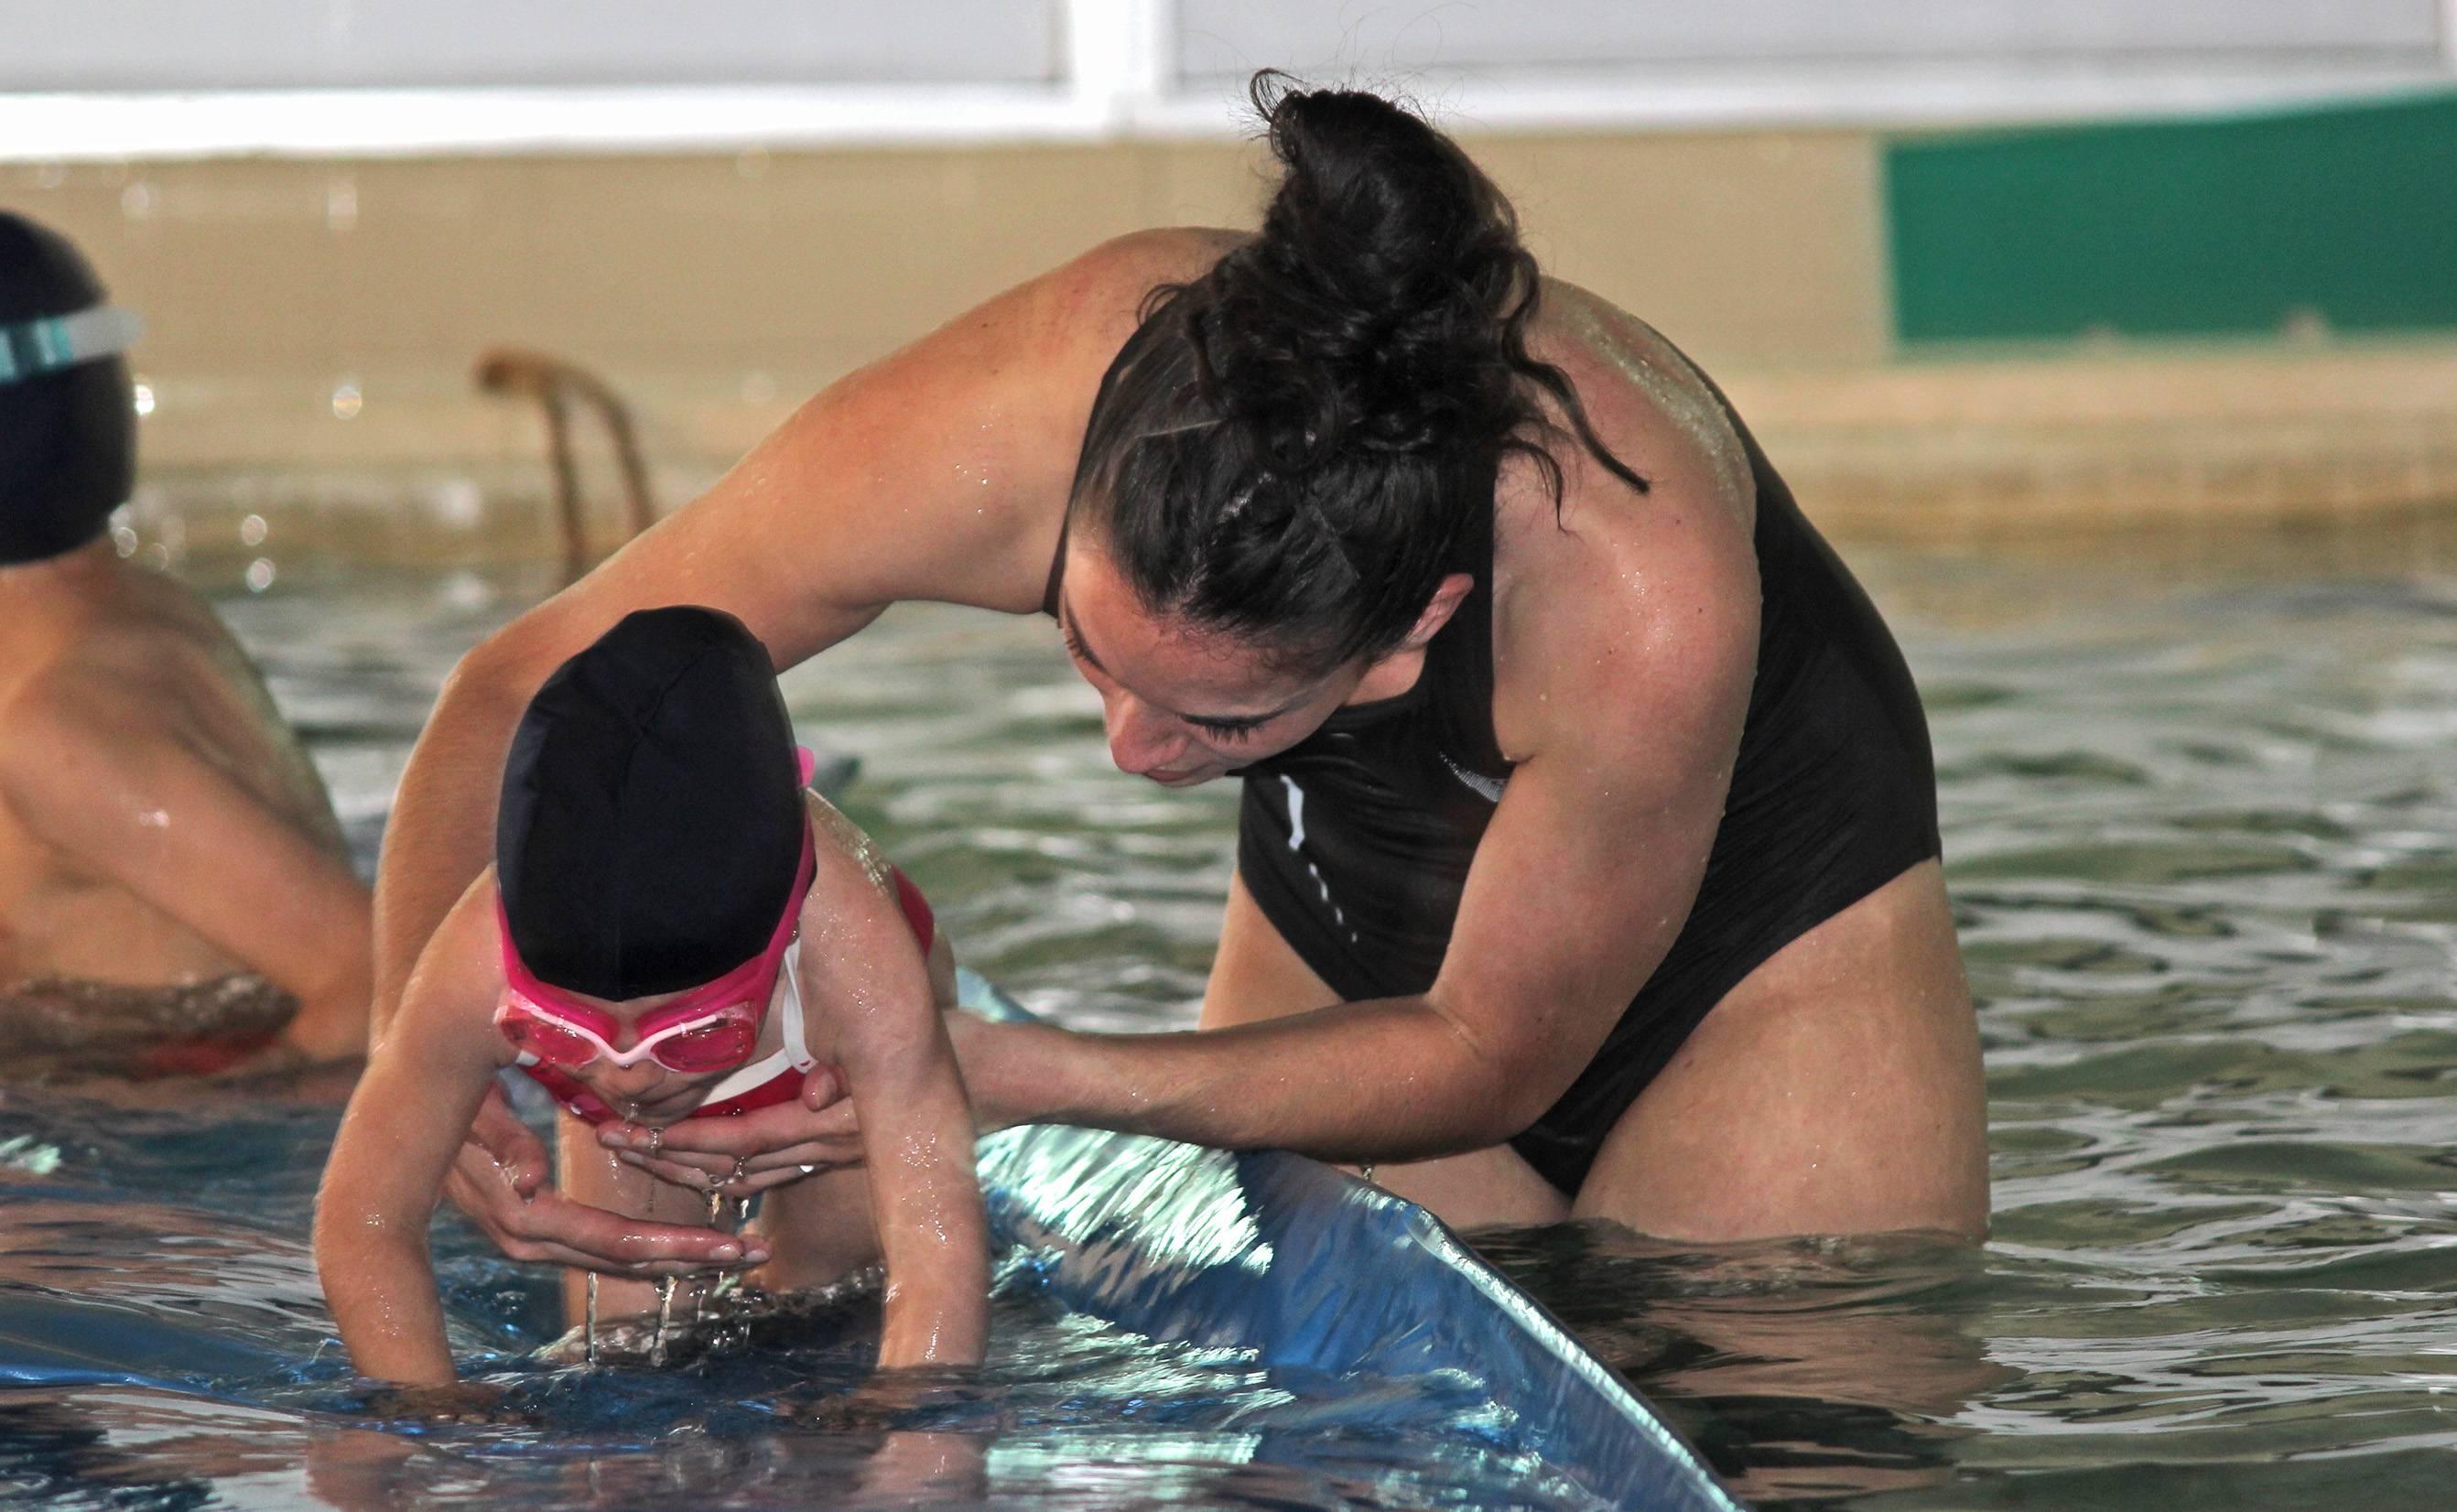 curso de natacion aplicada a personas con discapacidad - El Hospital Nacional de Parapléjicos acoge la II edición del curso de natación aplicada a personas con discapacidad